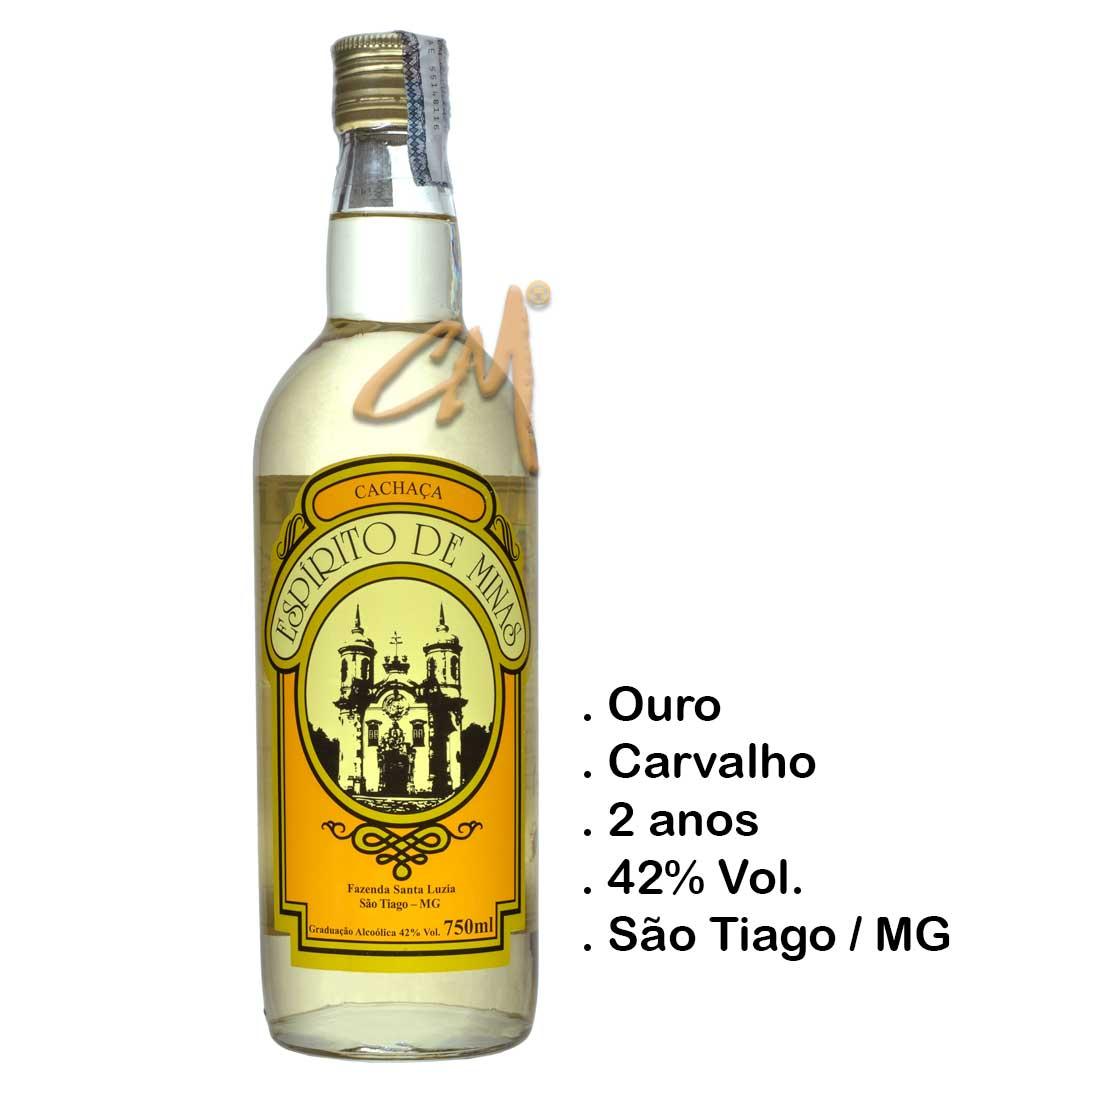 Cachaça Espírito de Minas 750 ml (São Tiago - MG)